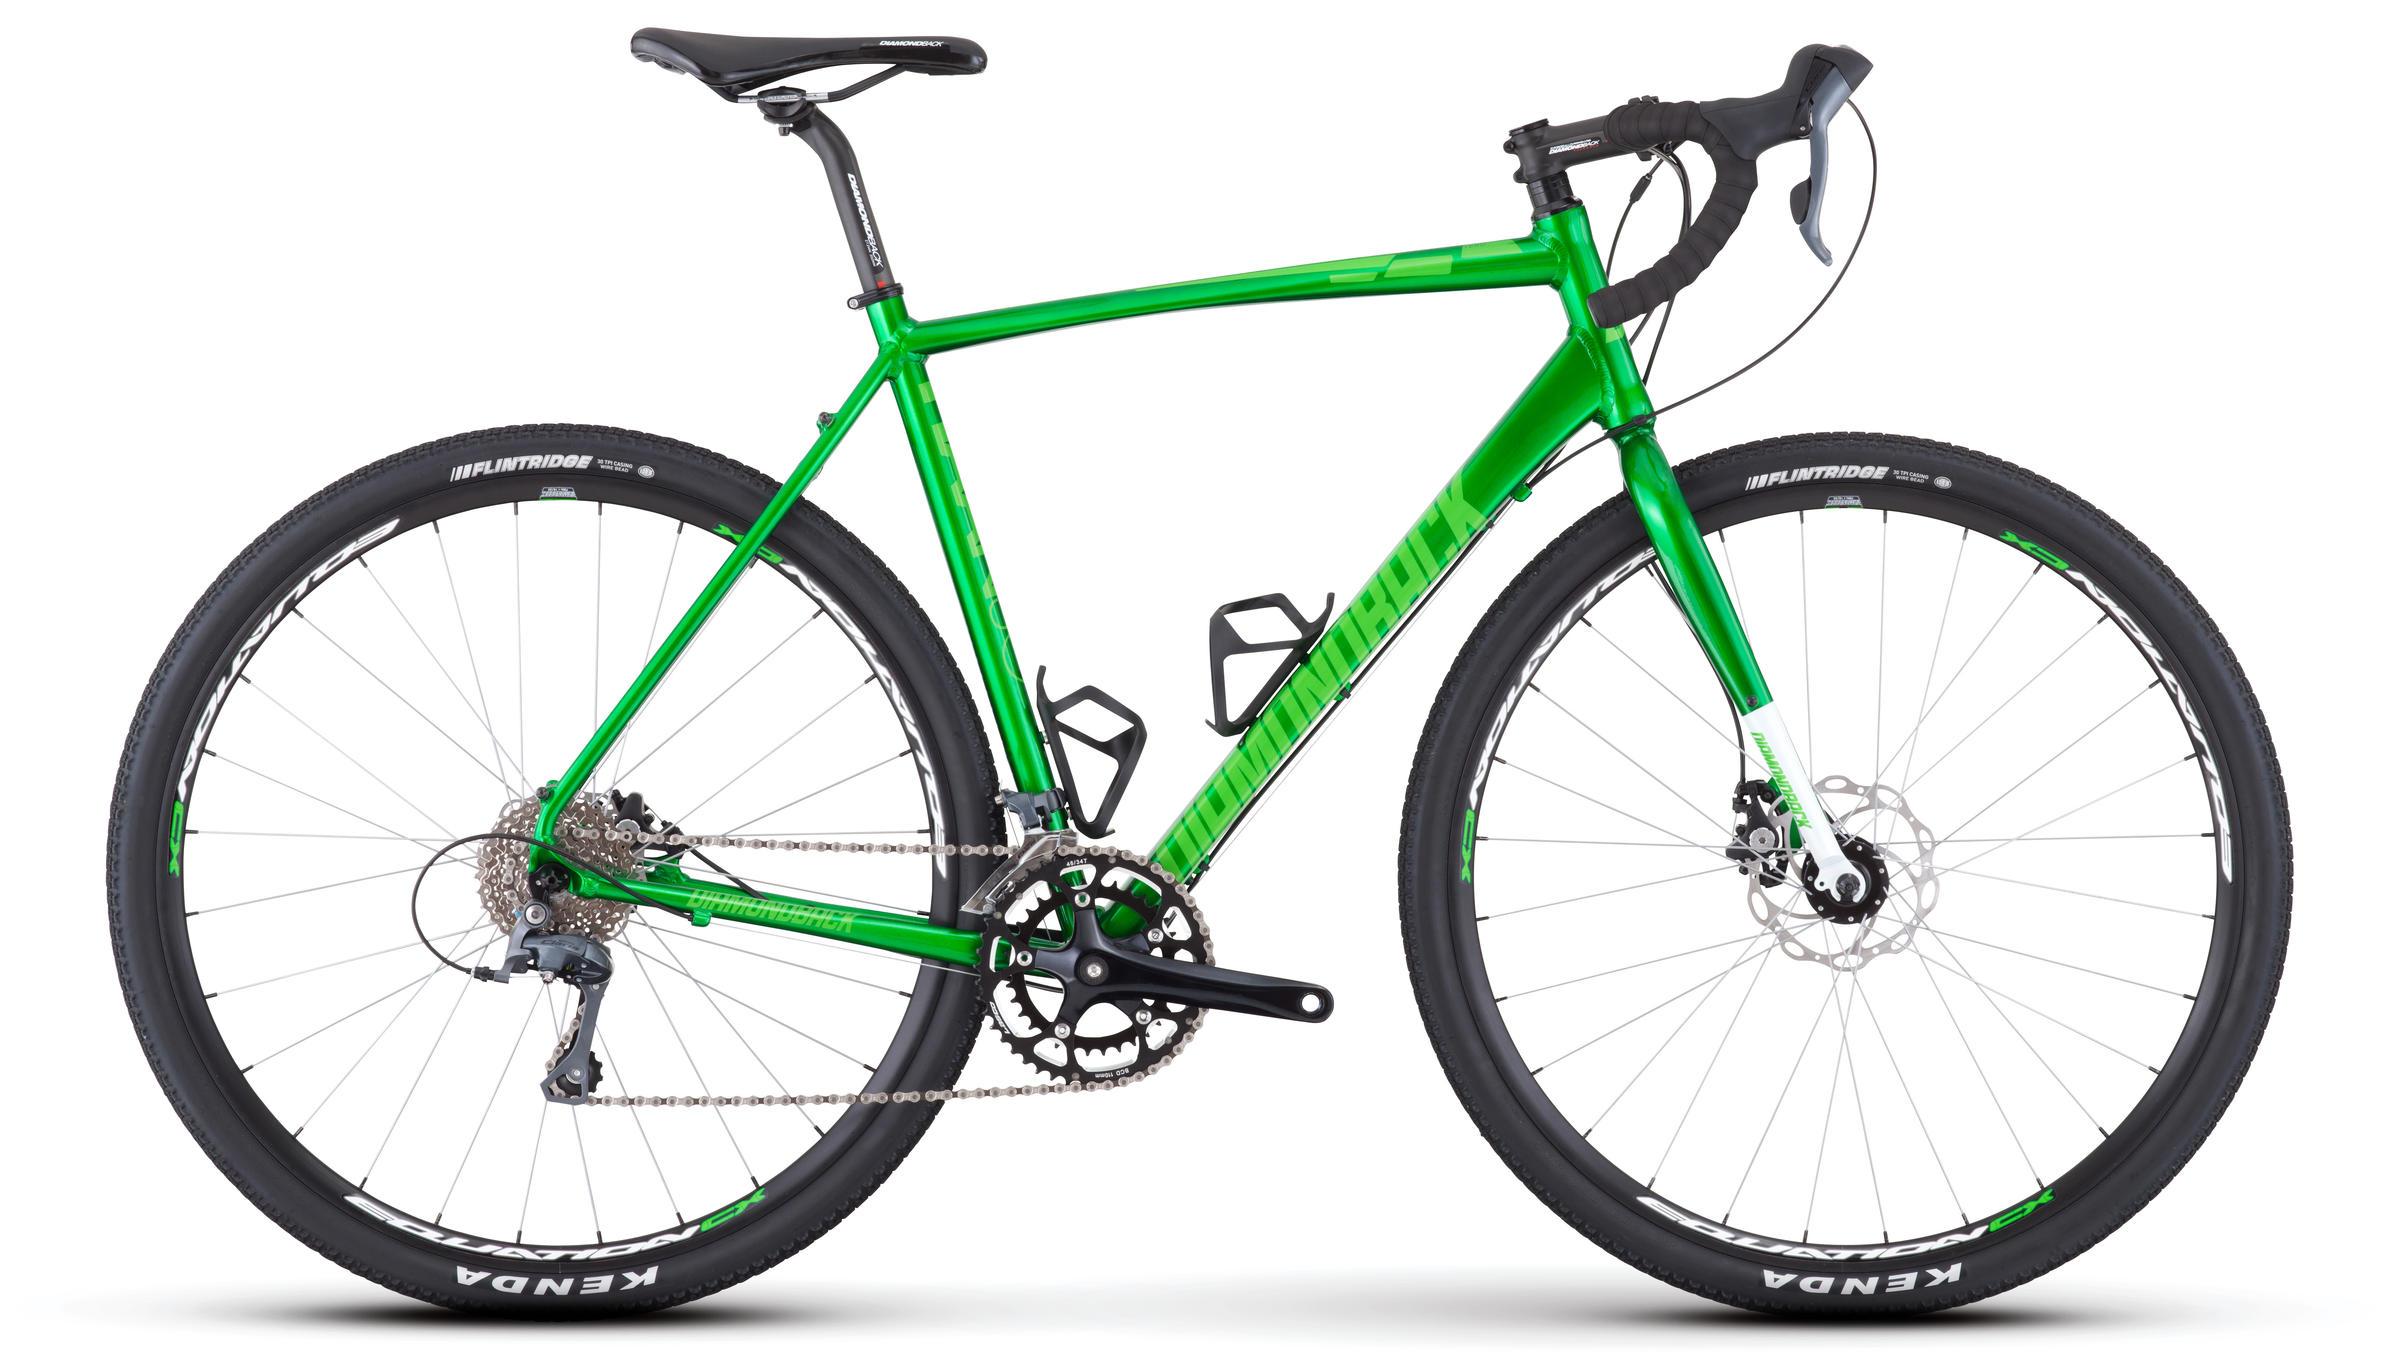 98264486987 Diamondback Haanjo Tero - Danny's Cycles